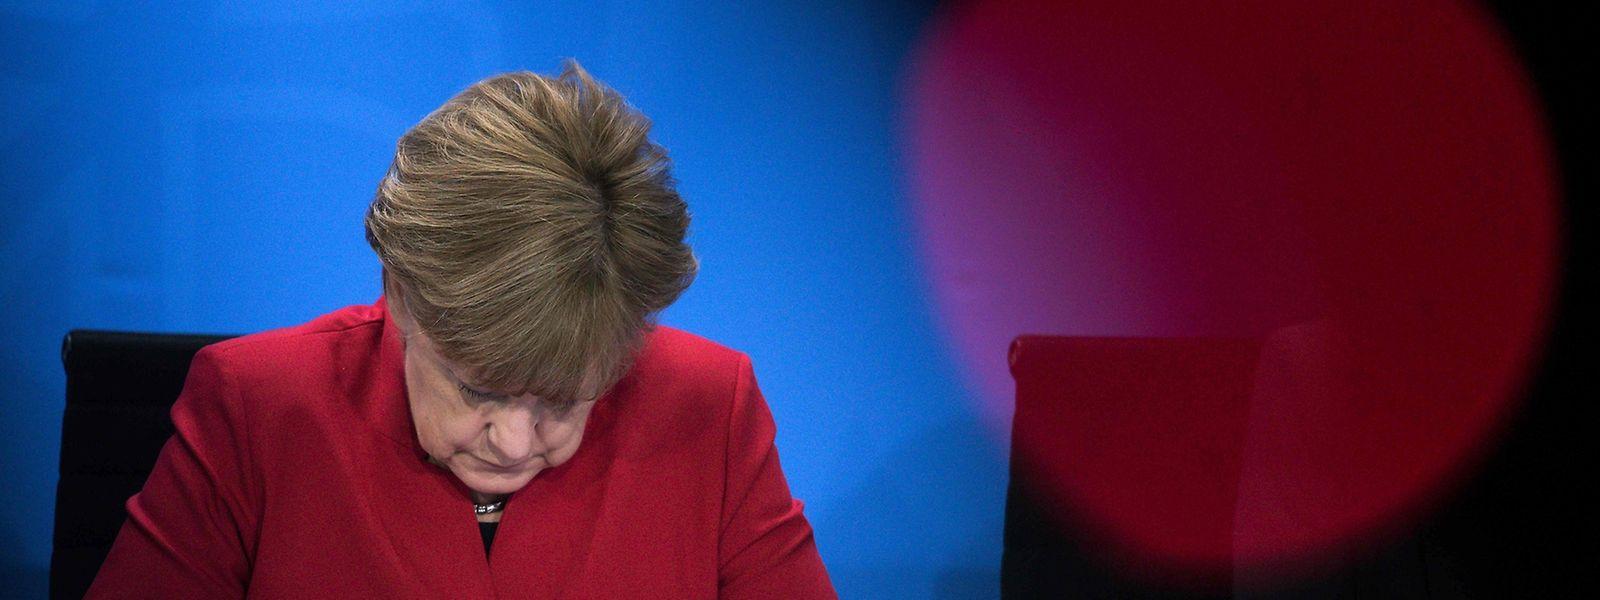 """Bundeskanzlerin Angela Merkel bedauert, dass sie das Gedicht als """"bewusst verletzend"""" bezeichnet habe. Dies hätte den Eindruck erzeugt, dass ihre persönliche Bewertung zähle."""